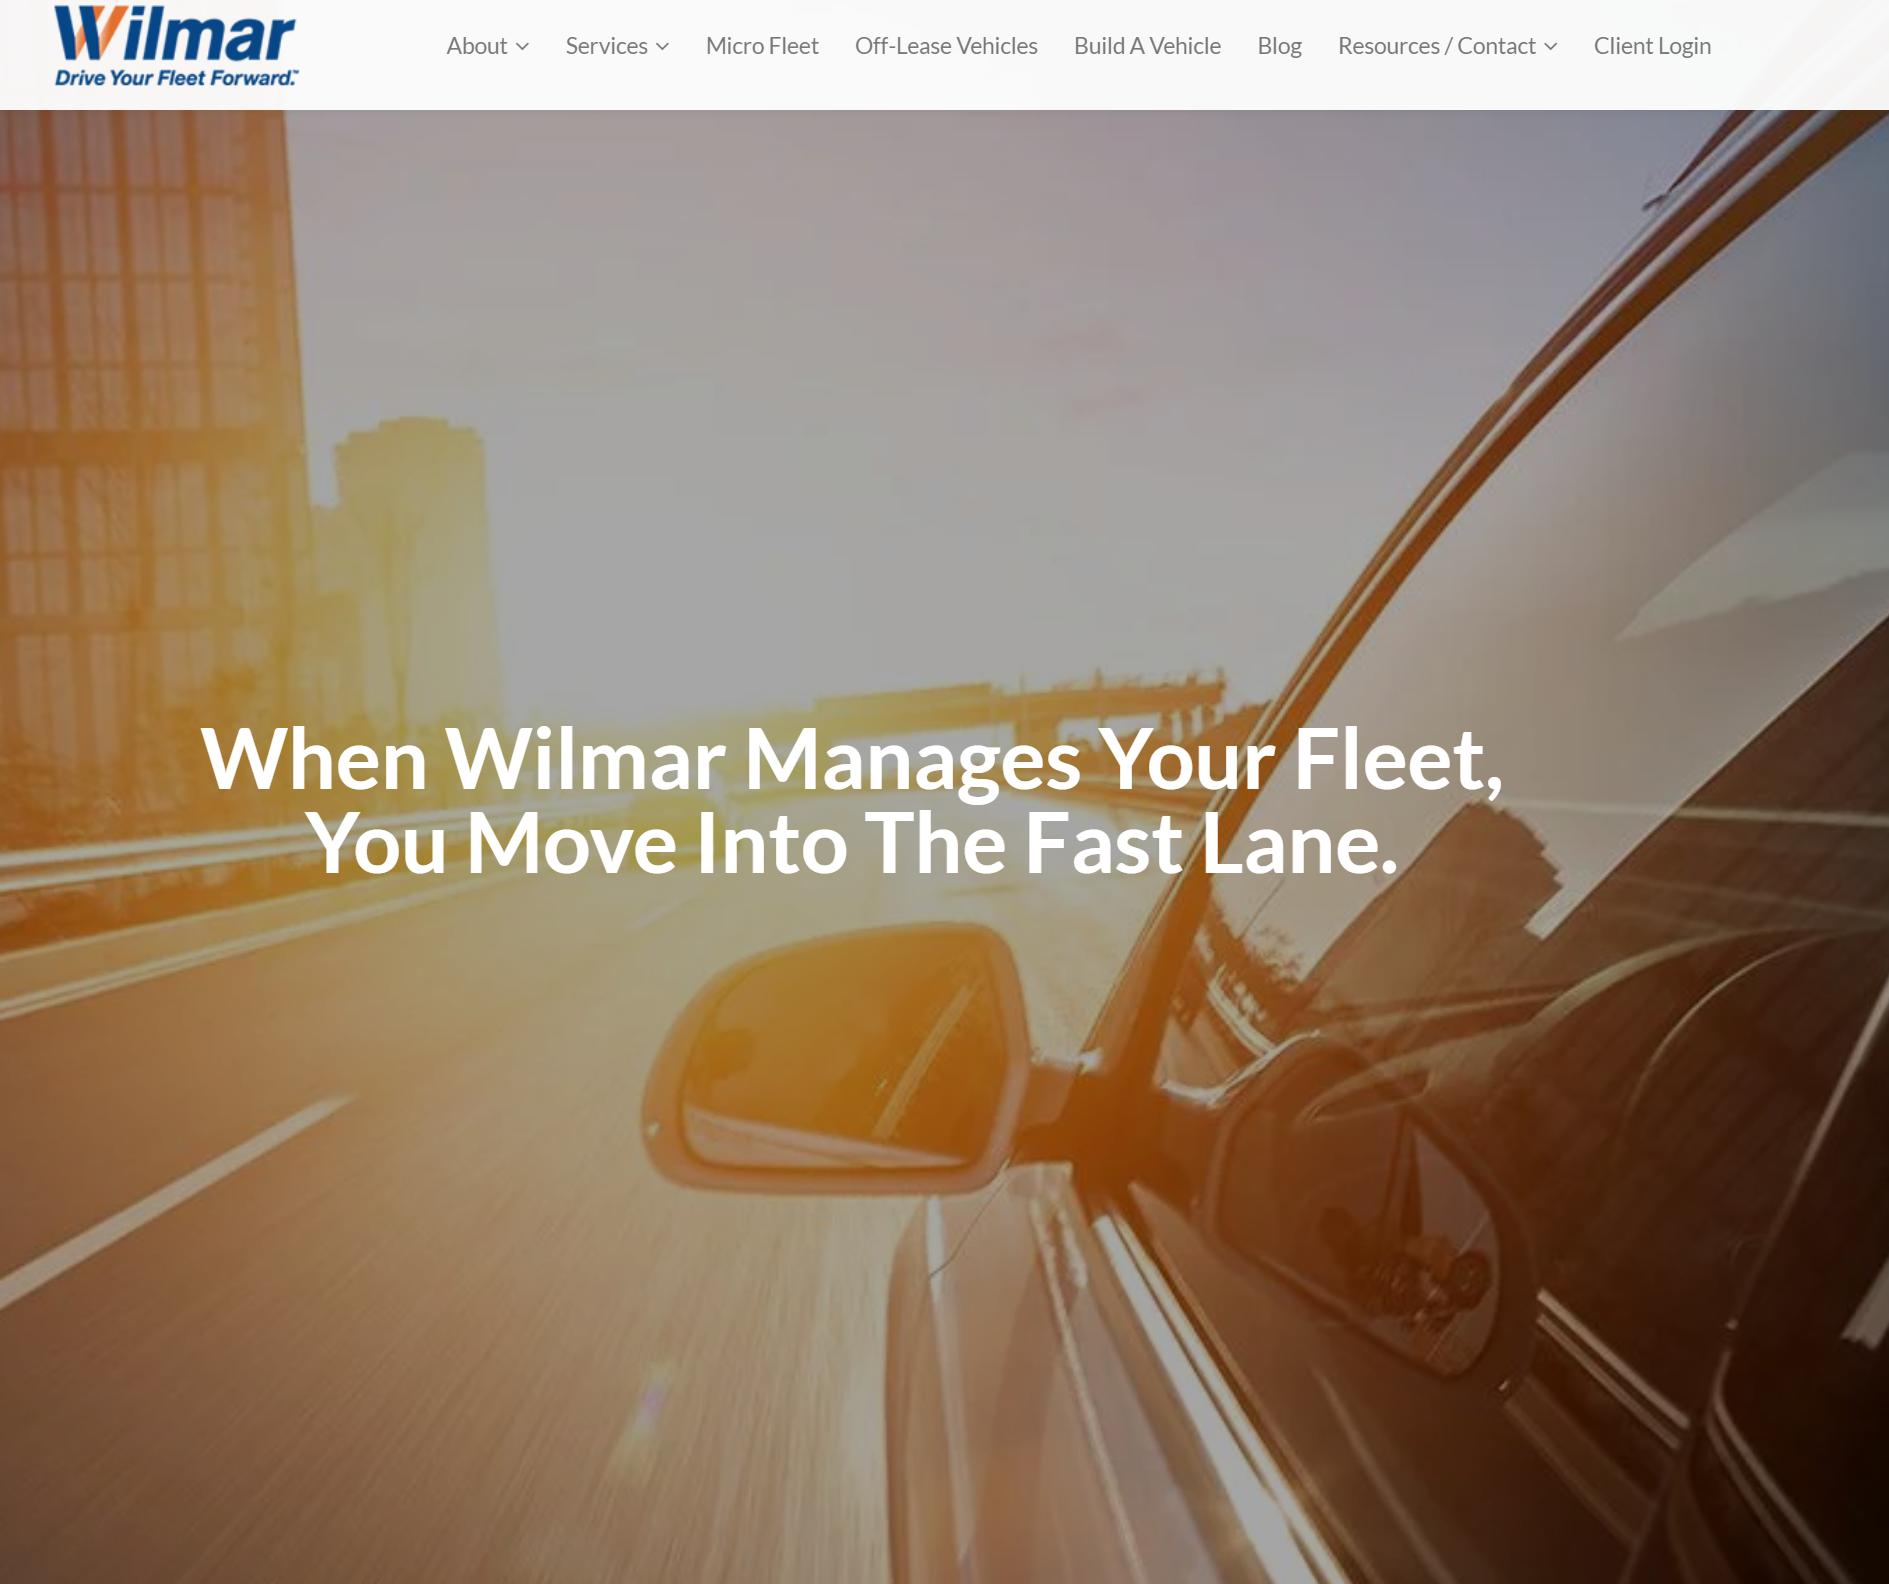 wilmar inc website